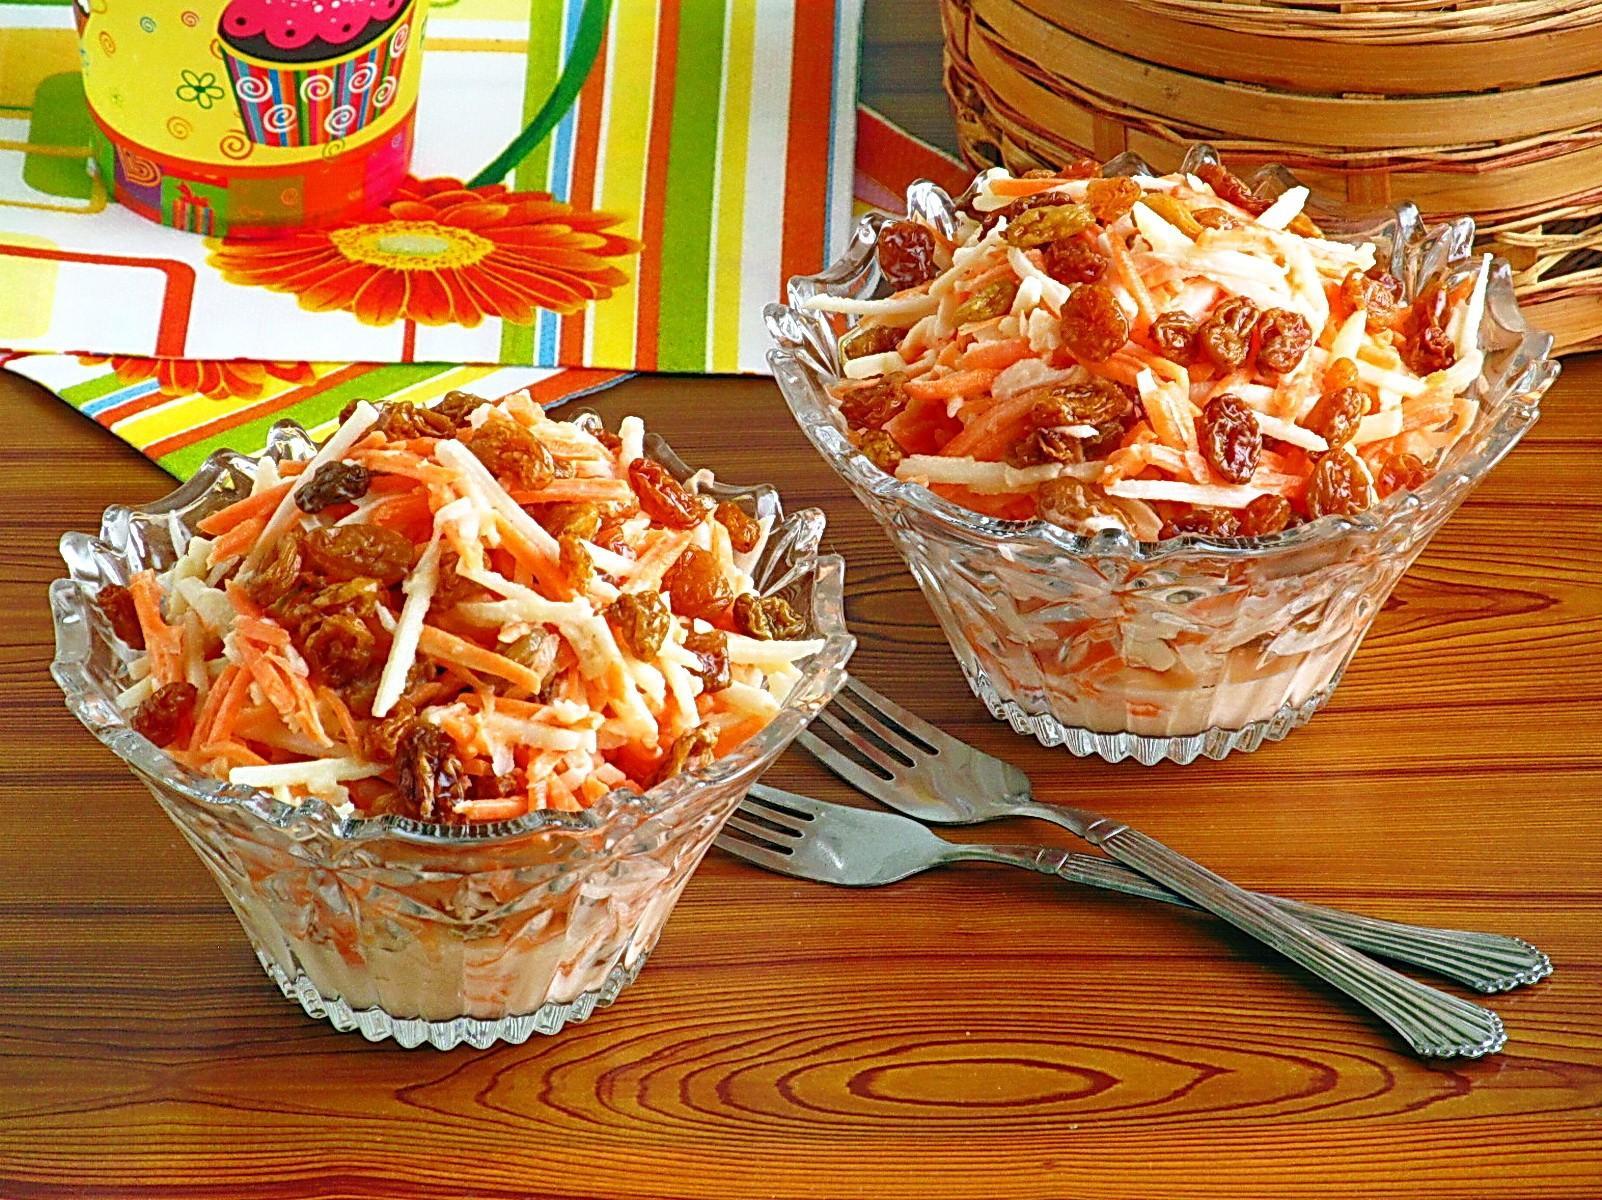 Салат из моркови с яблоком и изюмом, 1 кг полуфабрикат кулинарный